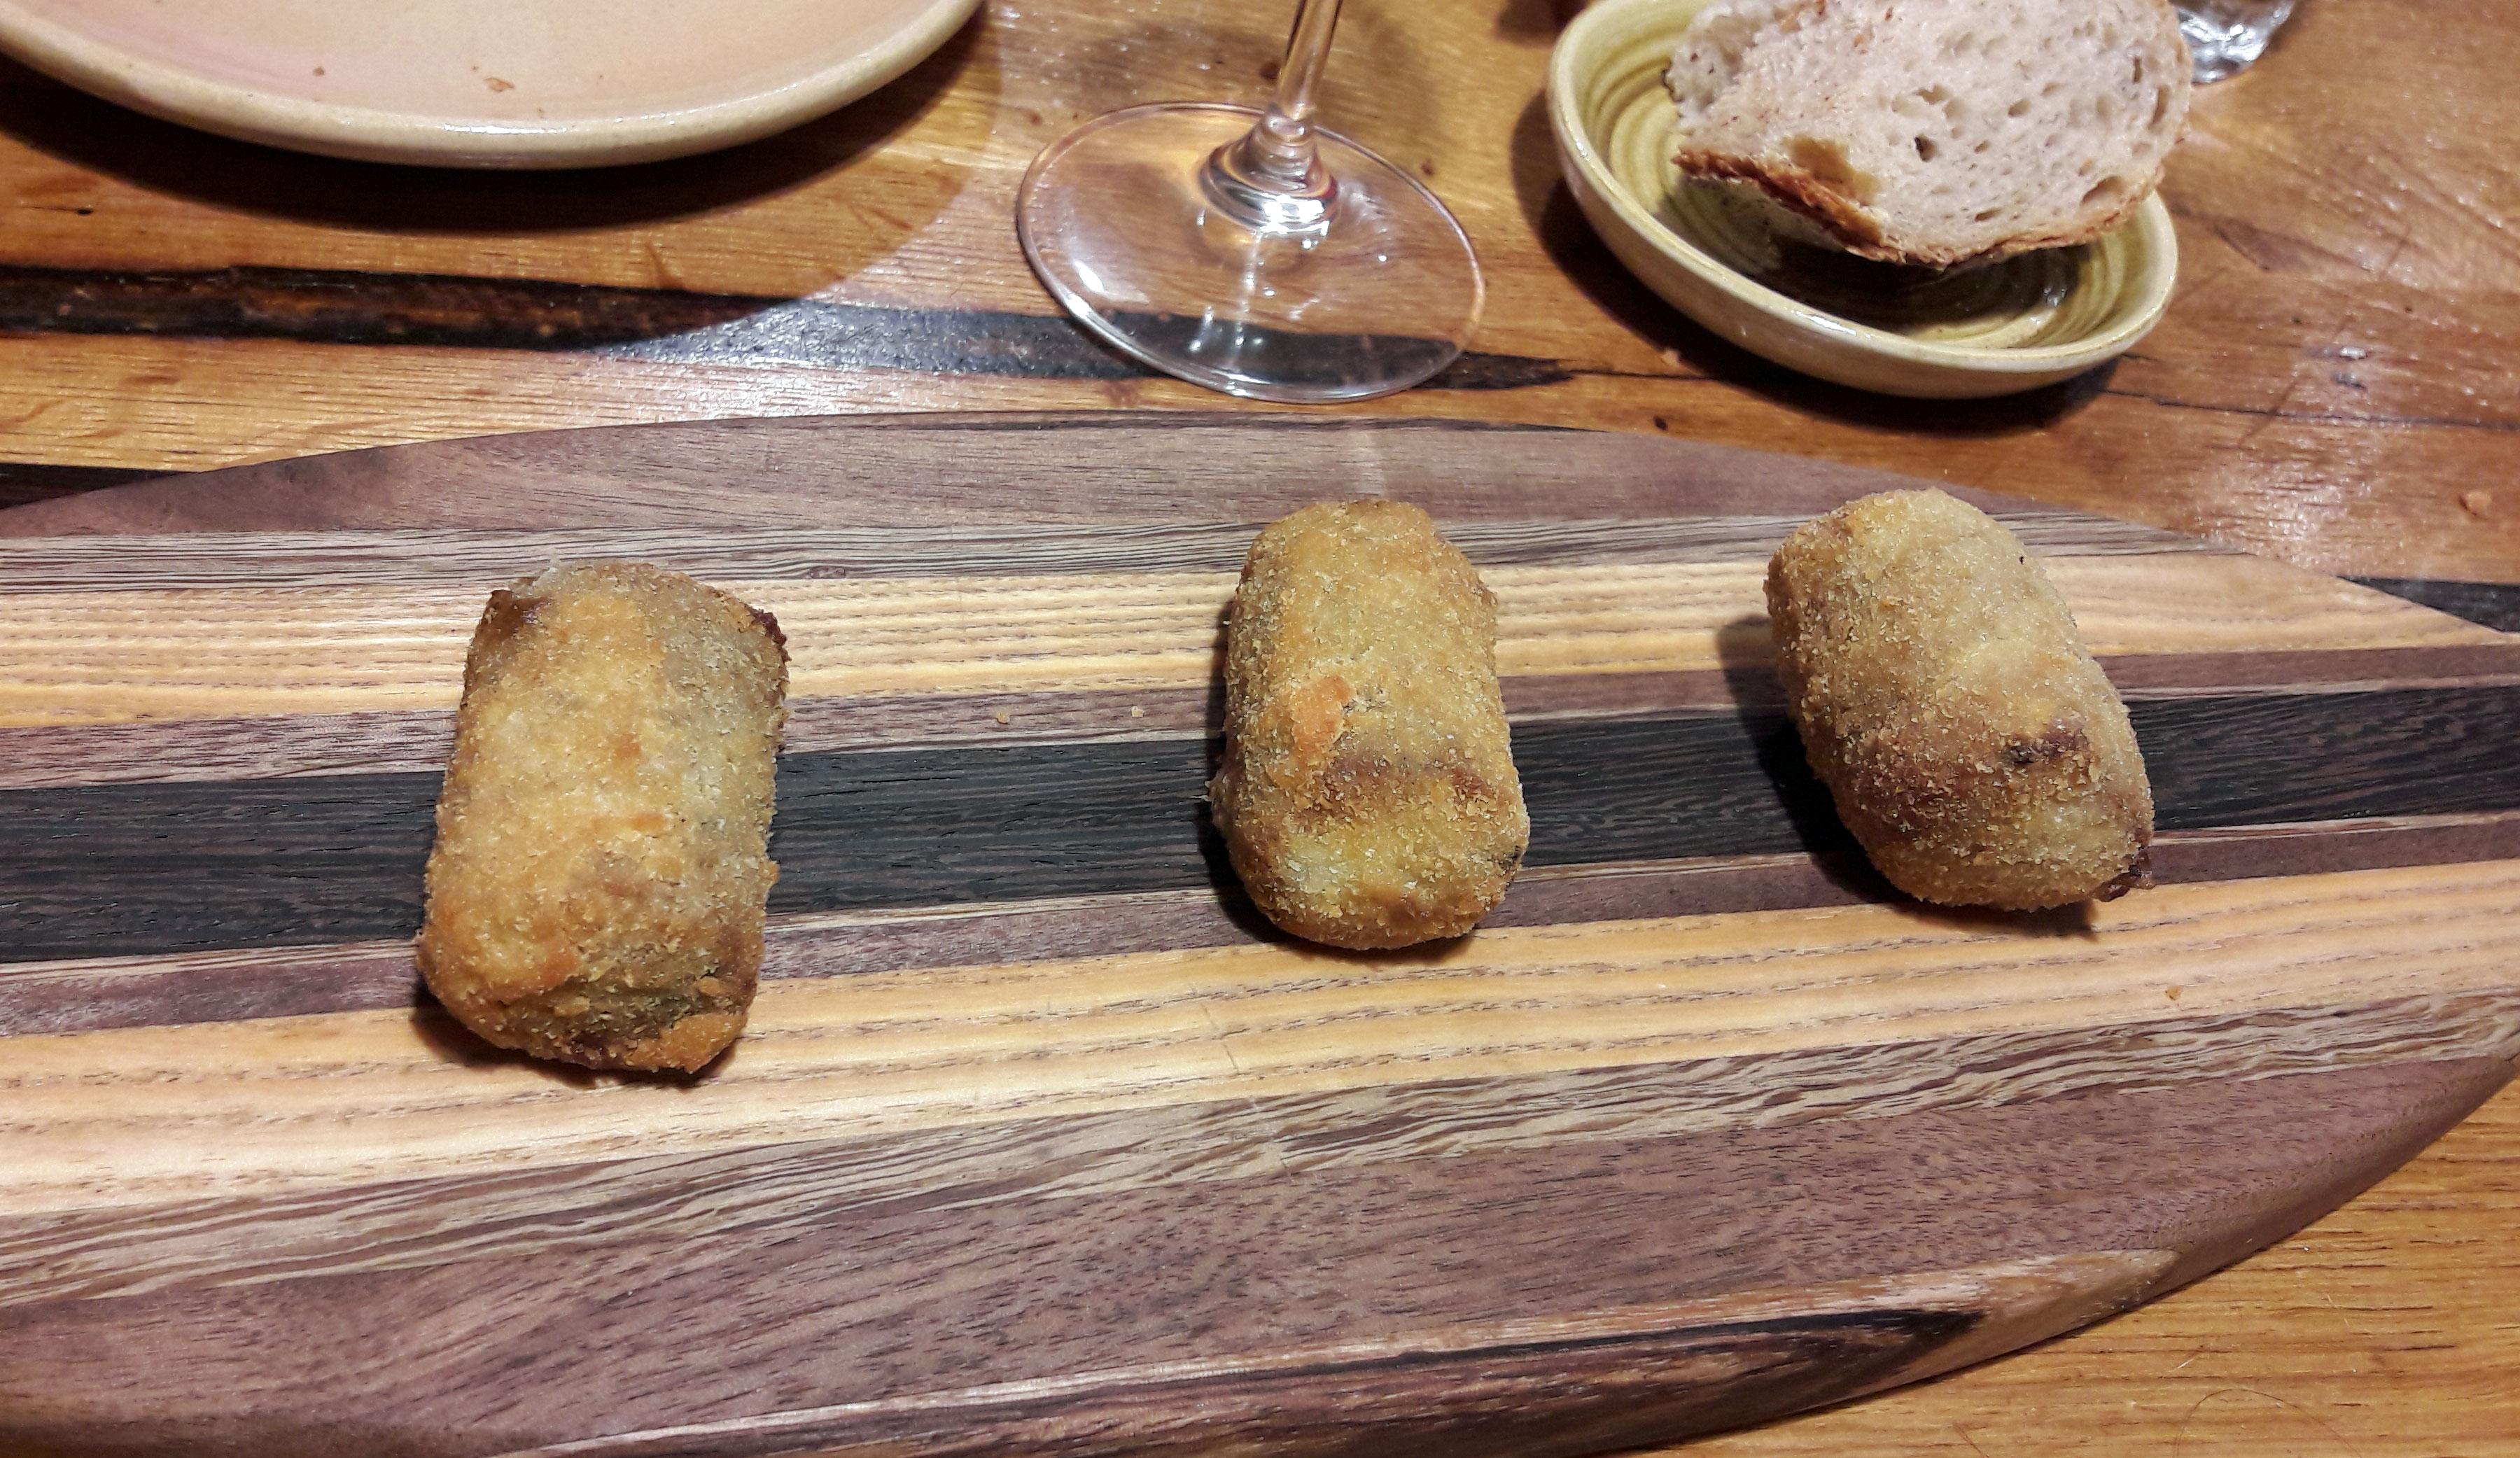 Restaurante en Barcelona Croqueta de rabo de vaca y trompetas de la muerte